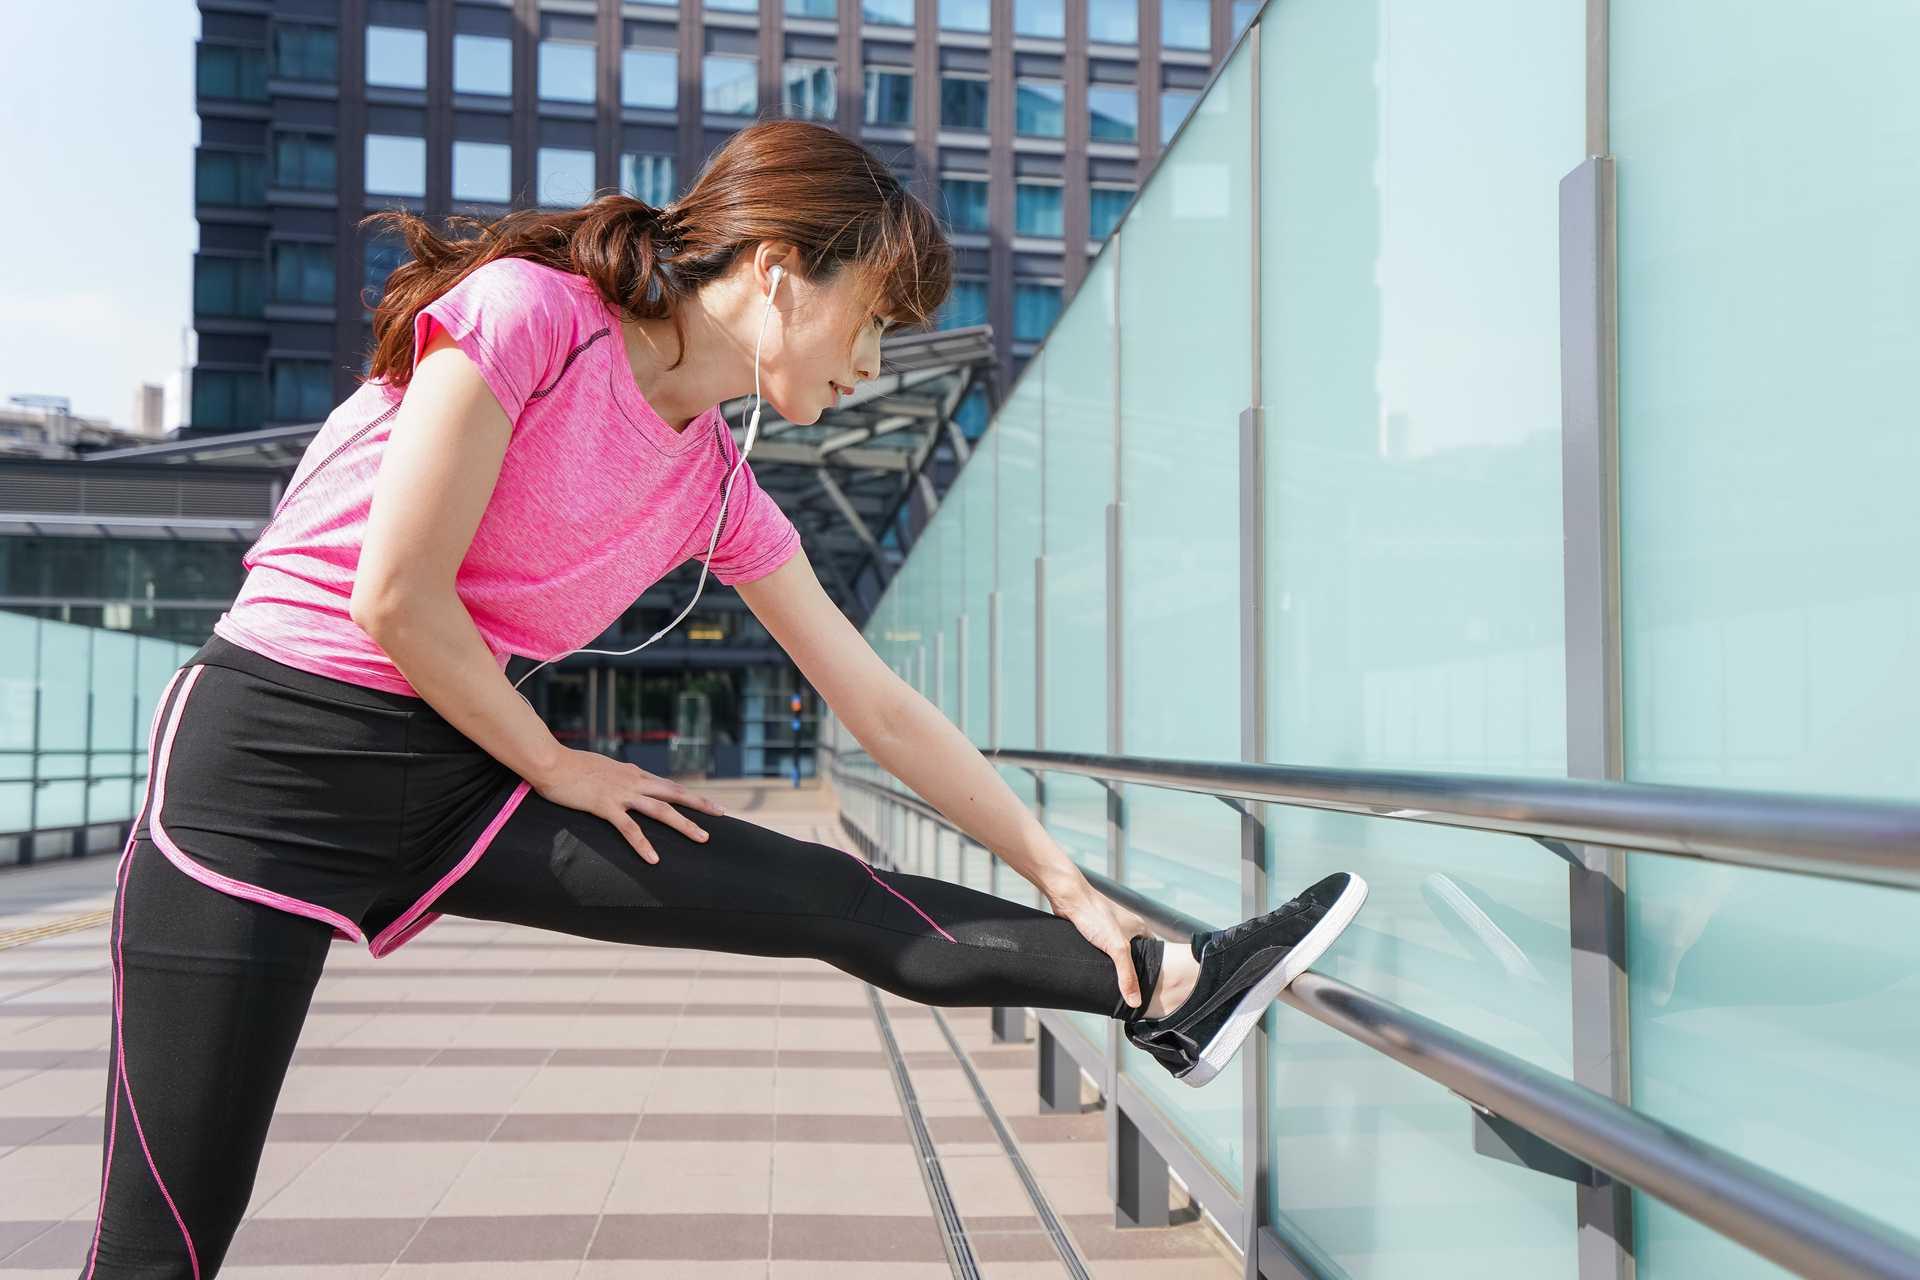 ただ歩くだけで、多くの筋肉を同時に鍛えることができる。 | 健康のためになる30の散歩術